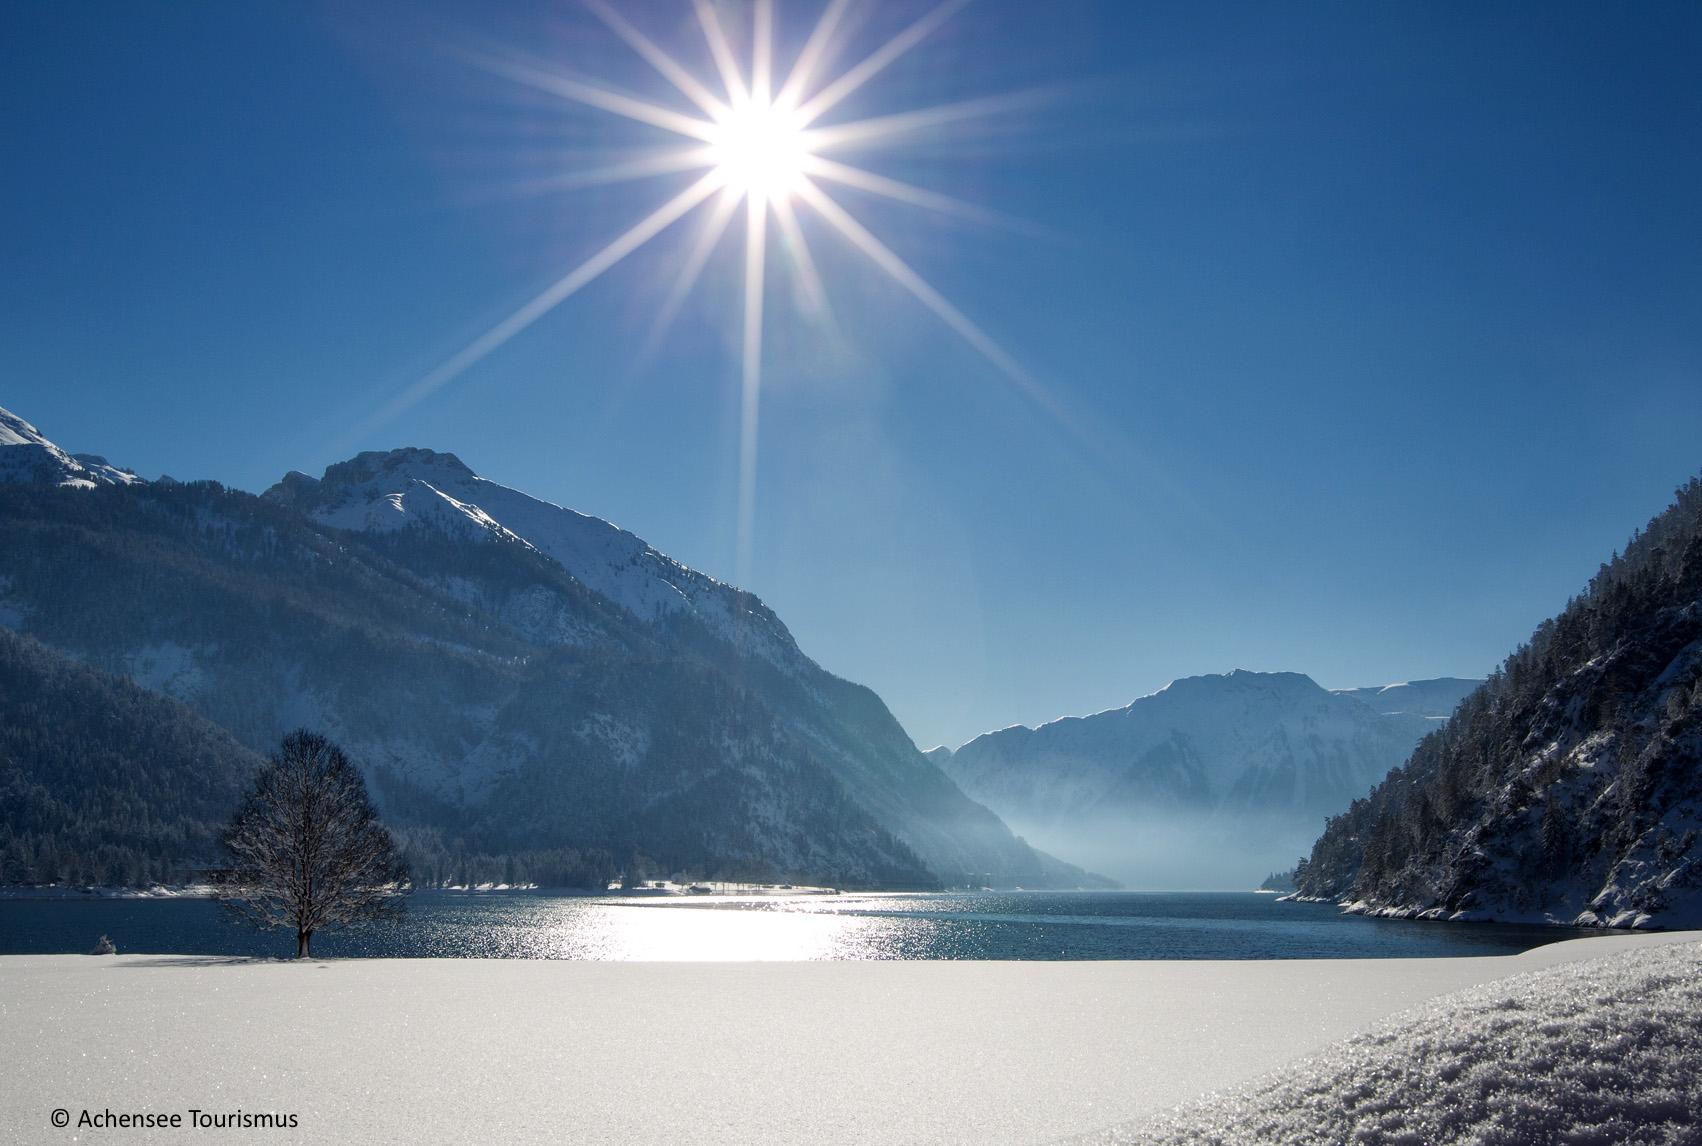 Achensee Winter